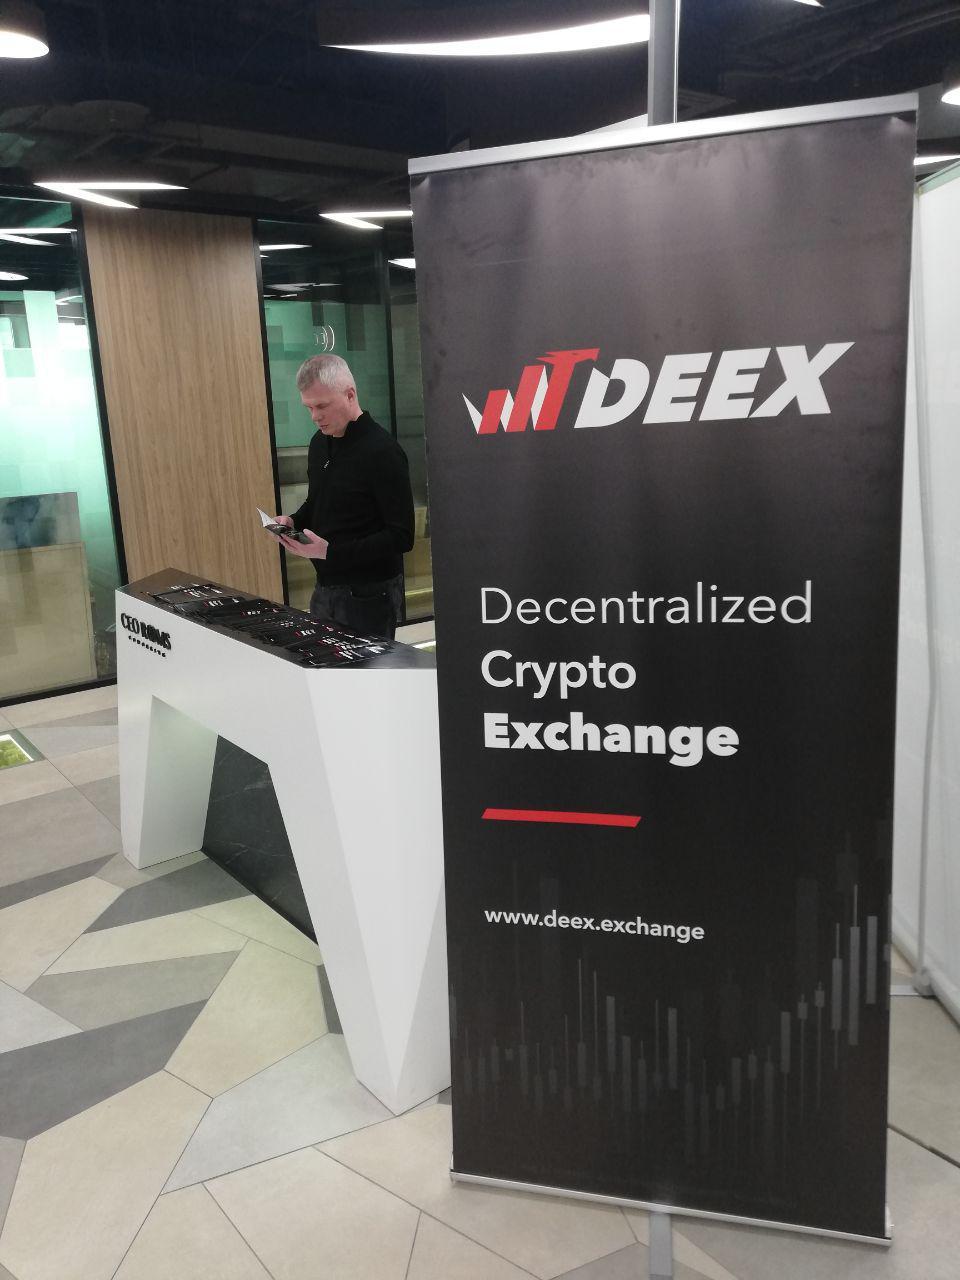 Хотим поблагодарить организаторов этого мероприятия и всех, кто нашел время и пришел рассказать о себе и узнать о возможностях, предоставляемых Deex Exchange